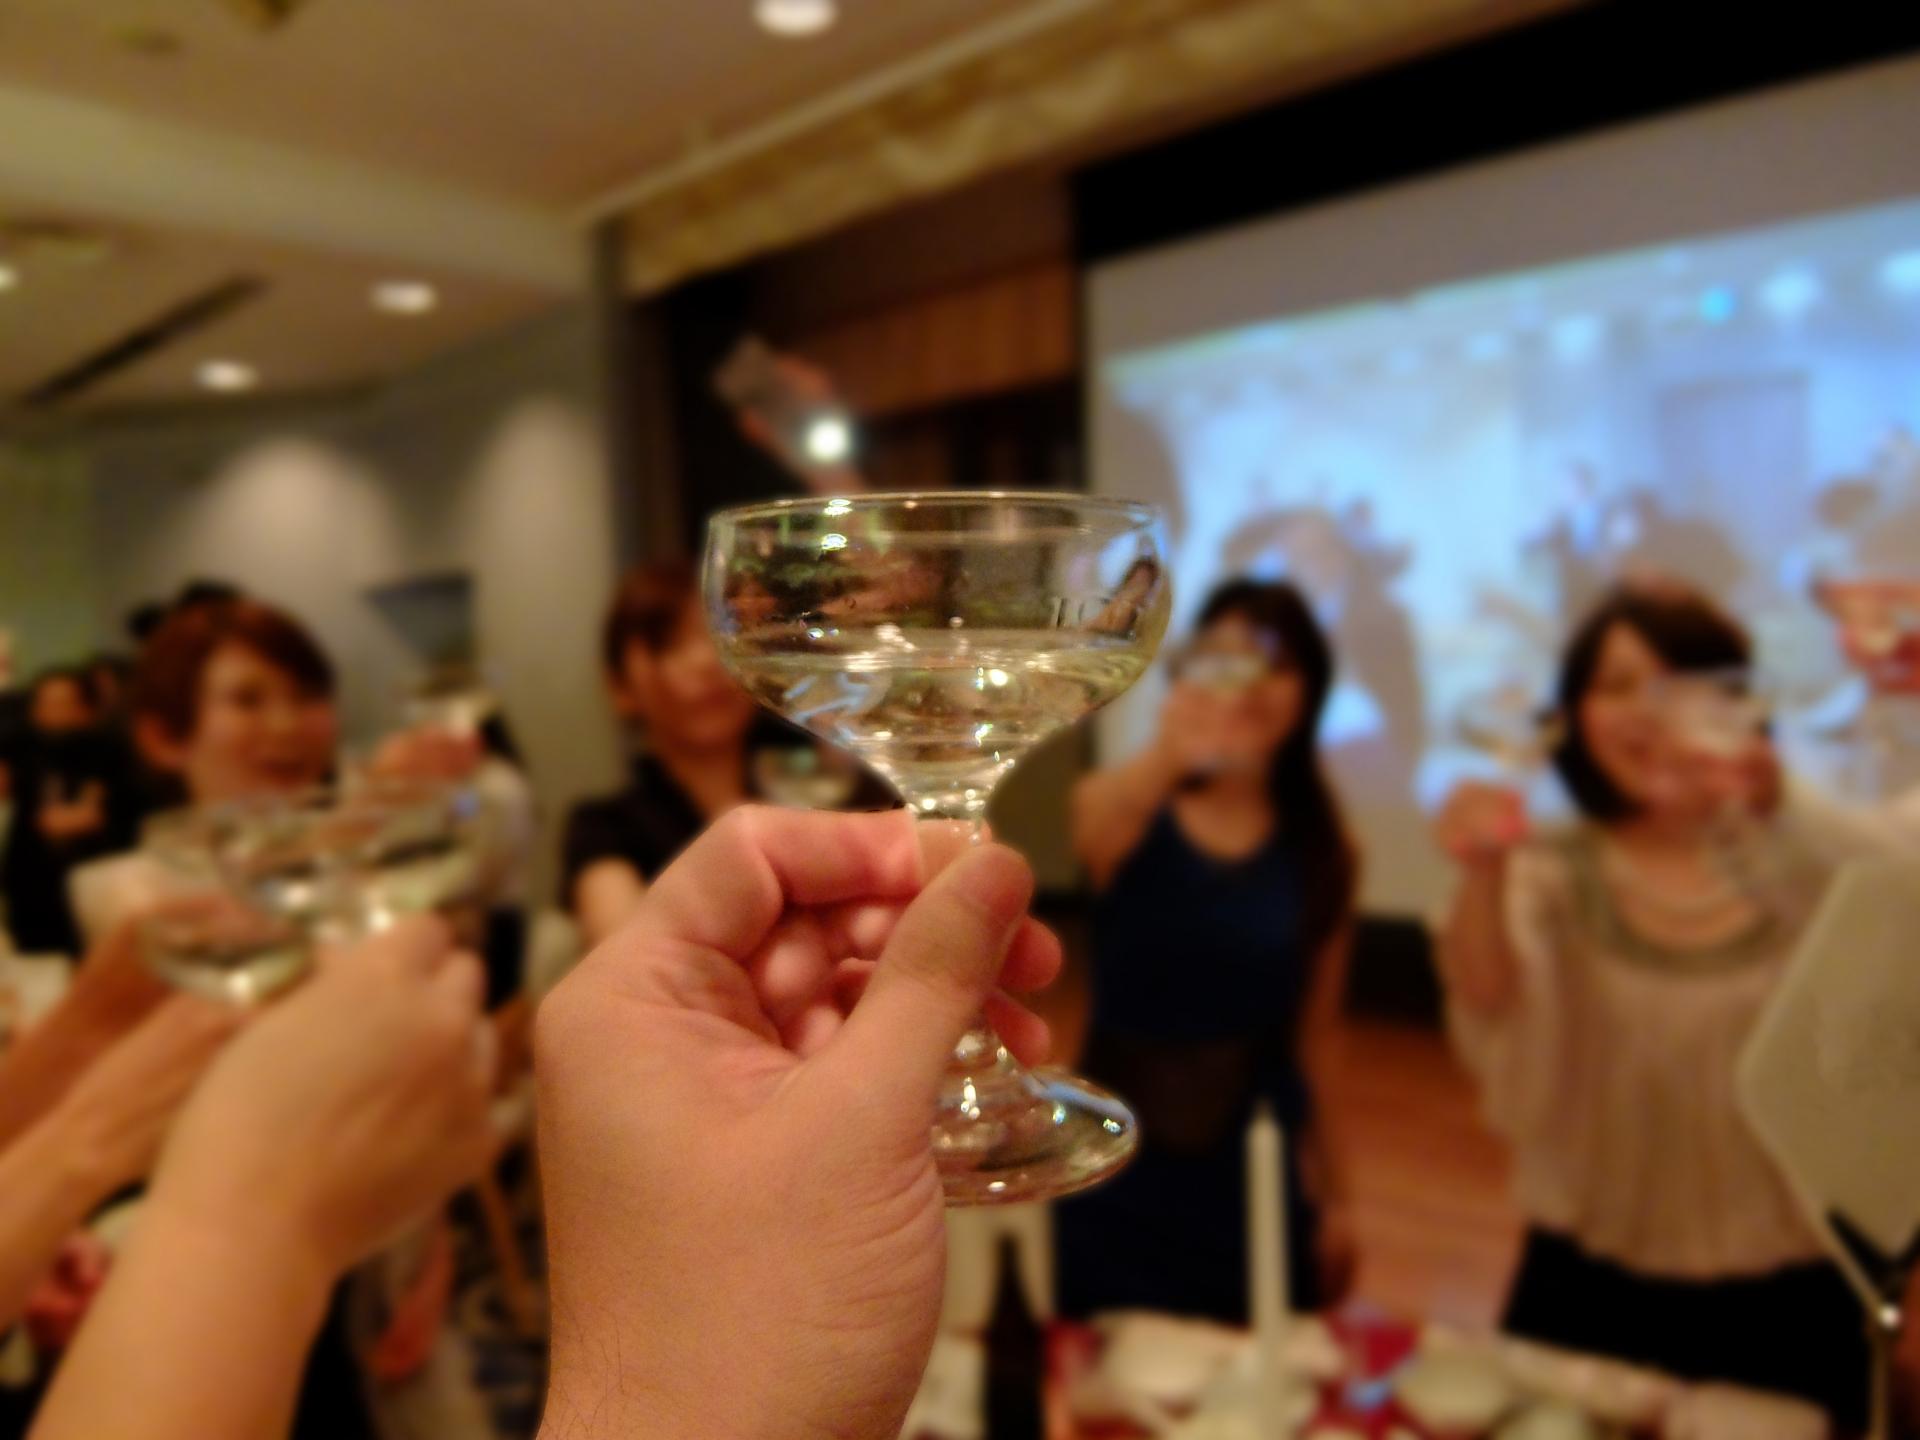 結婚式二次会の幹事は「友人」と「幹事代行業者」どちらを選ぶ?